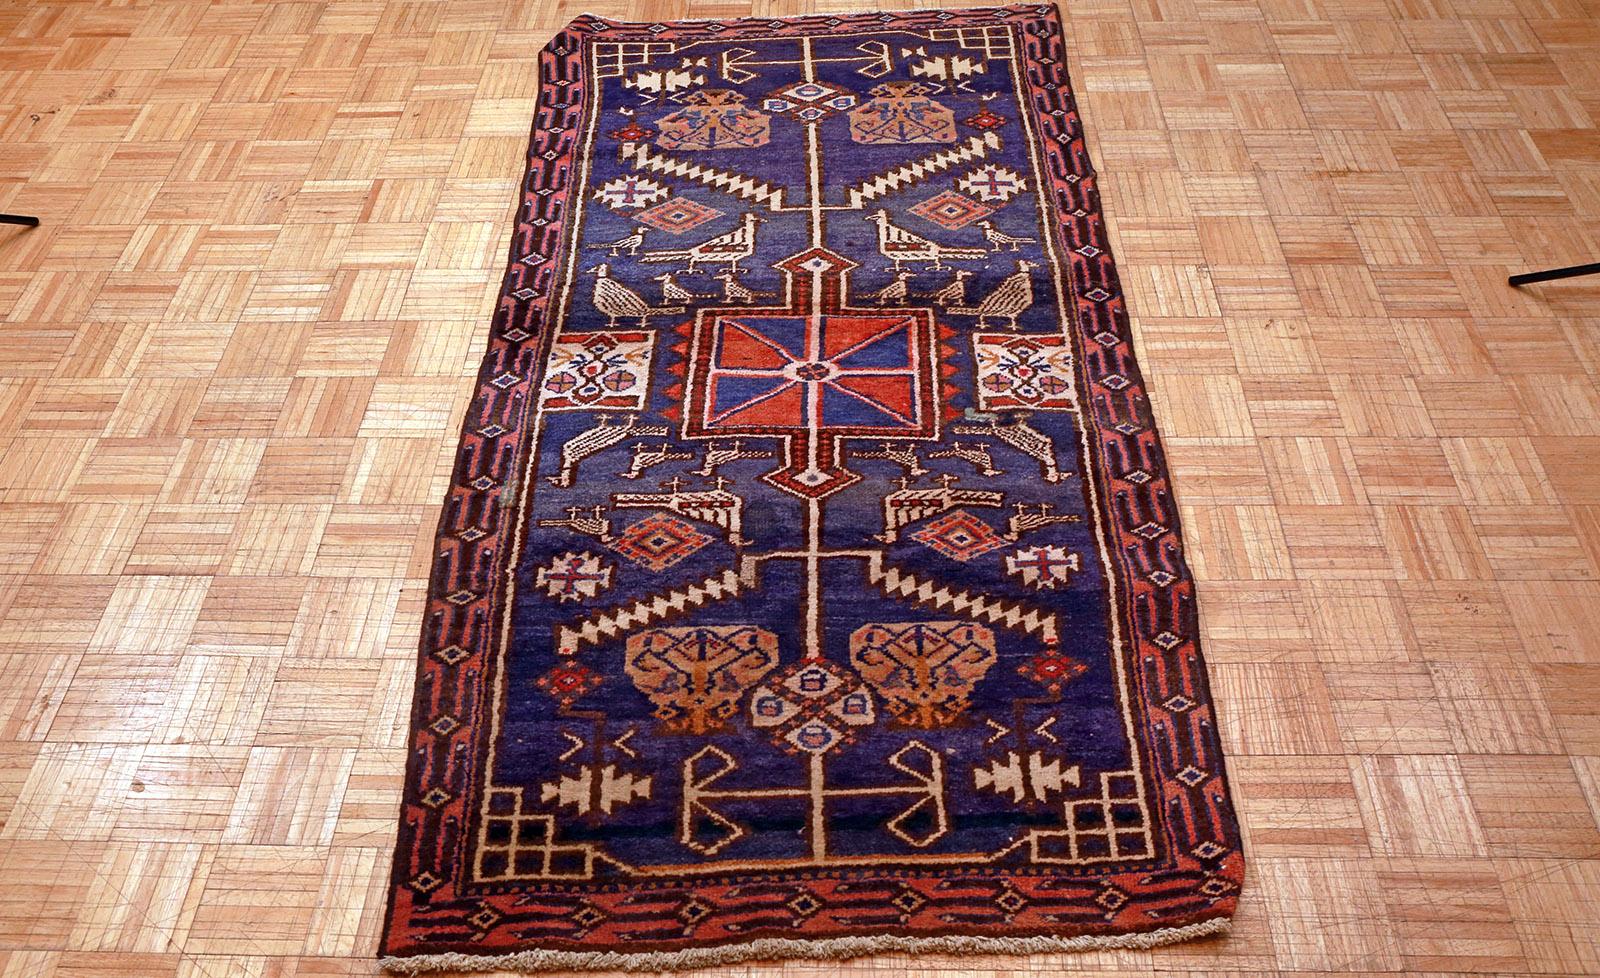 Mm 590 Persian Hamadan David Tiftickjian Amp Sons